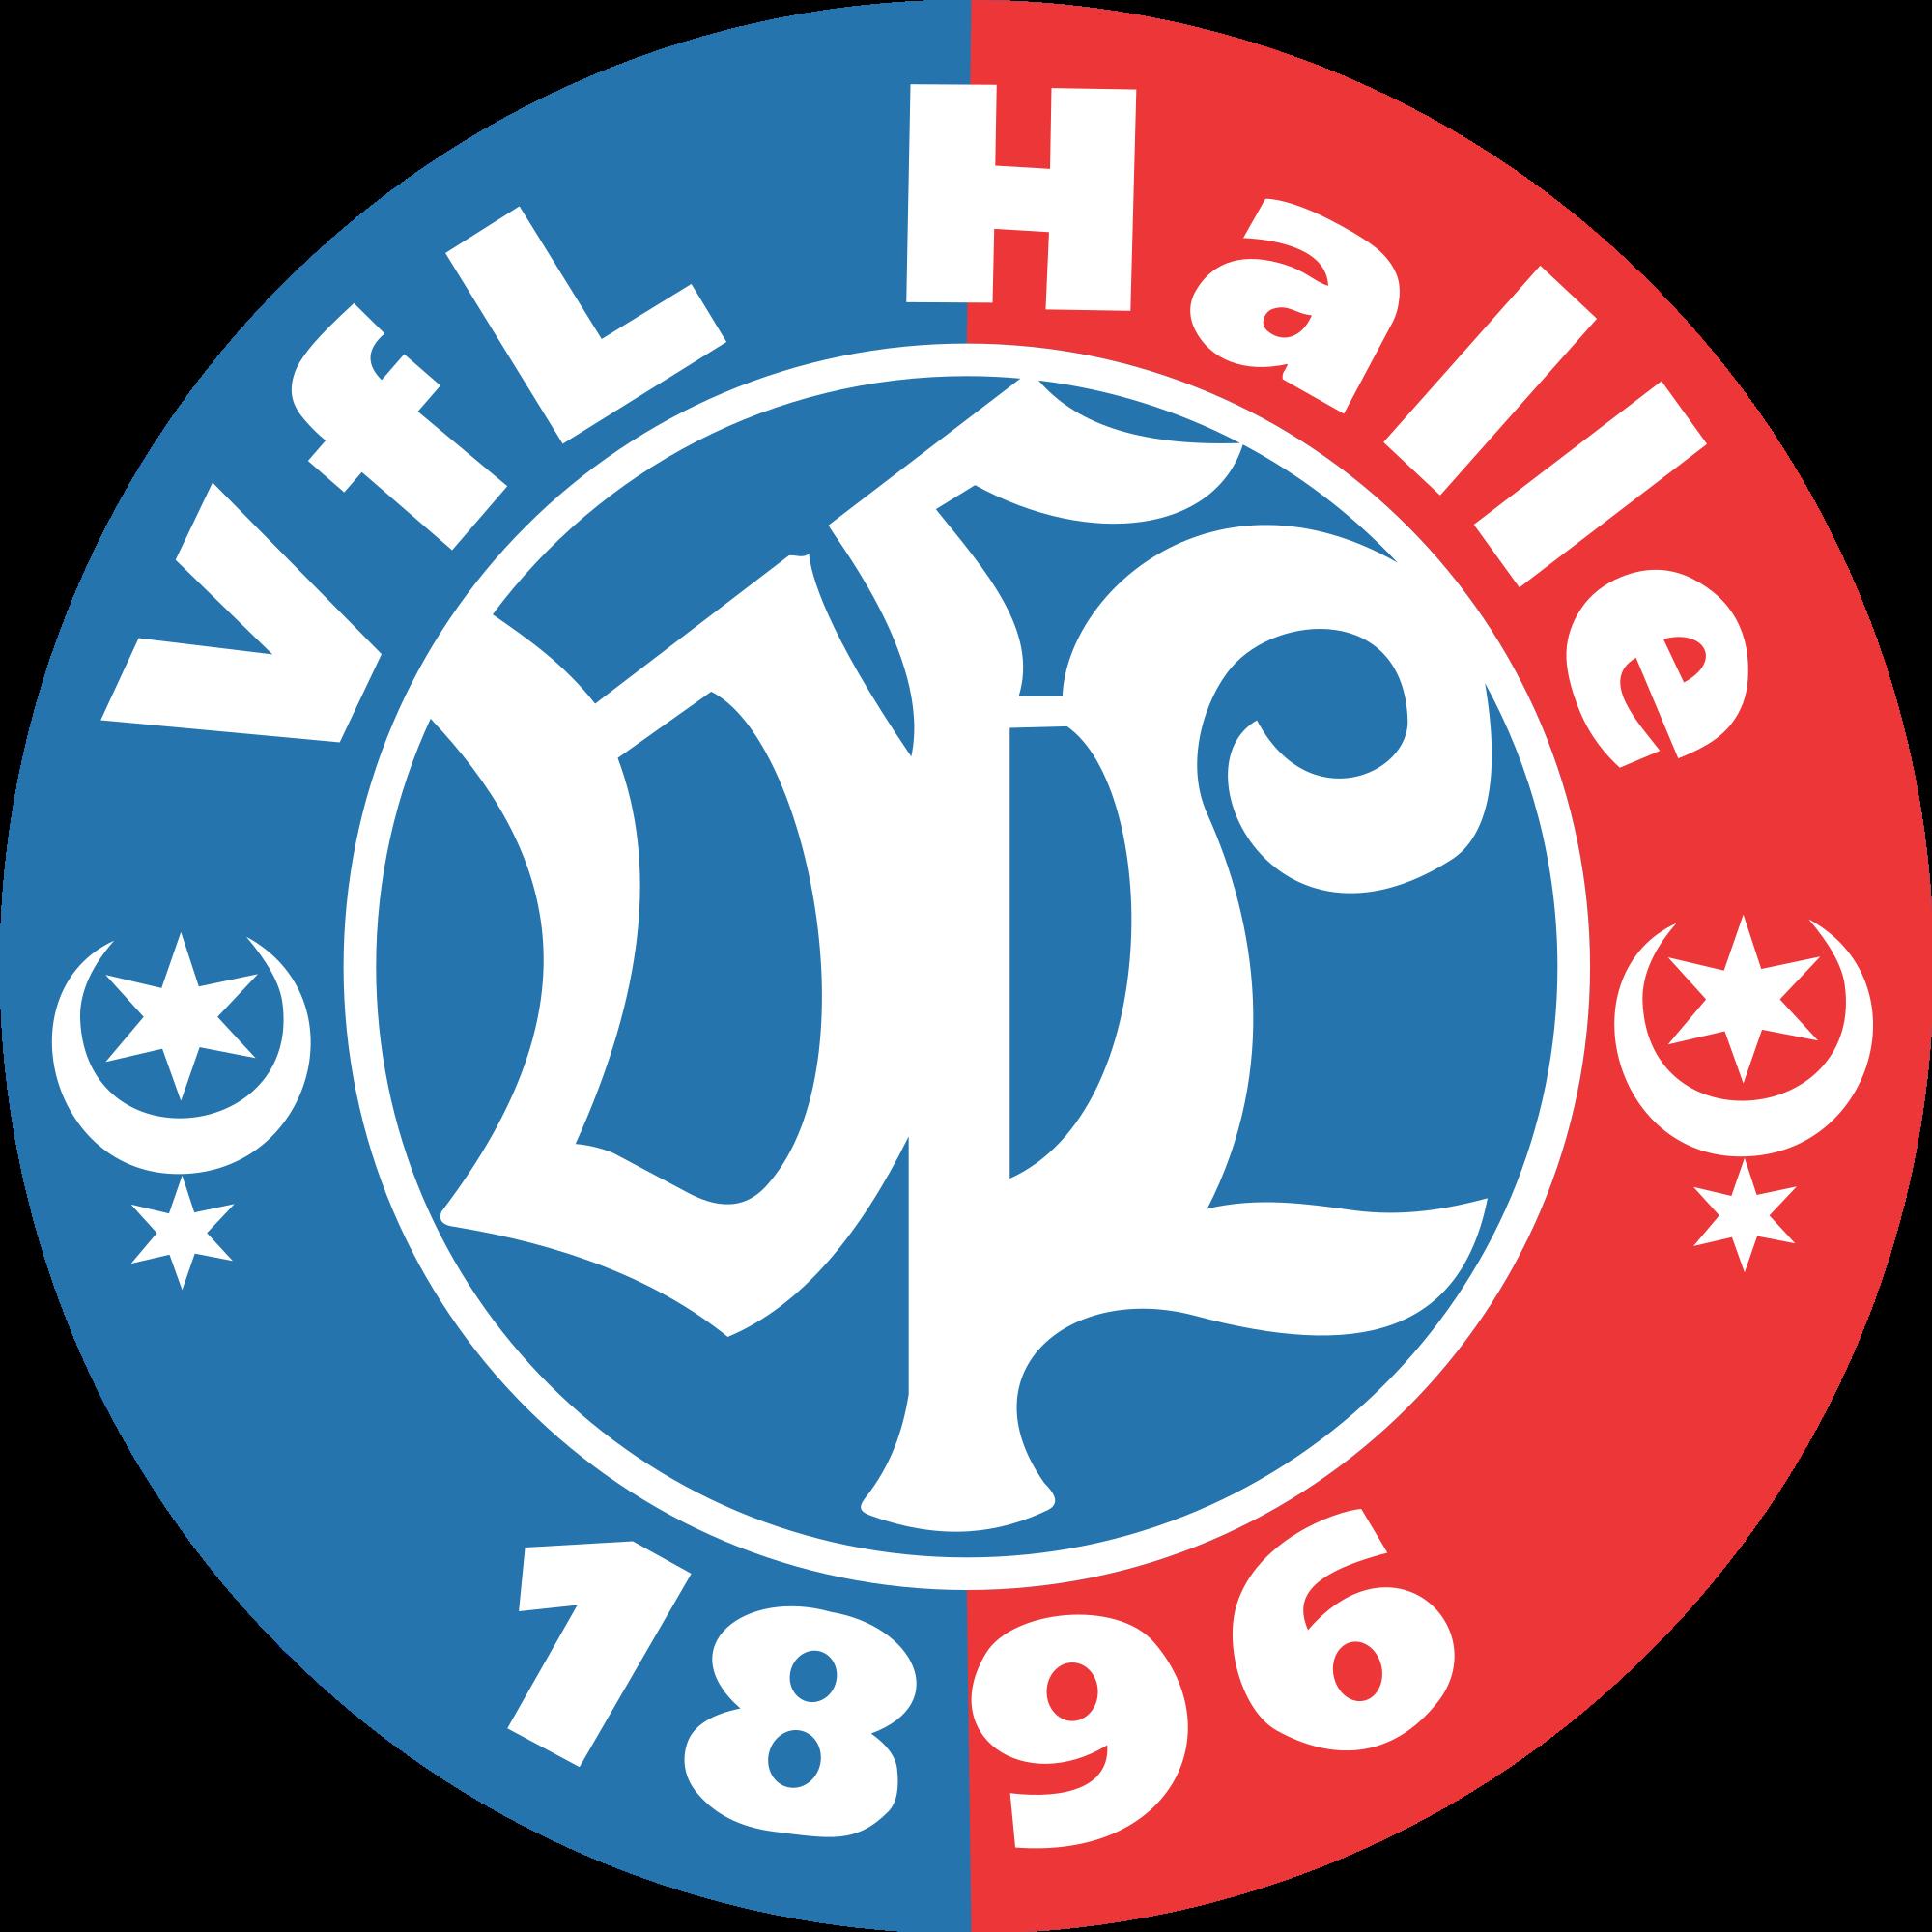 VfL Halle logo